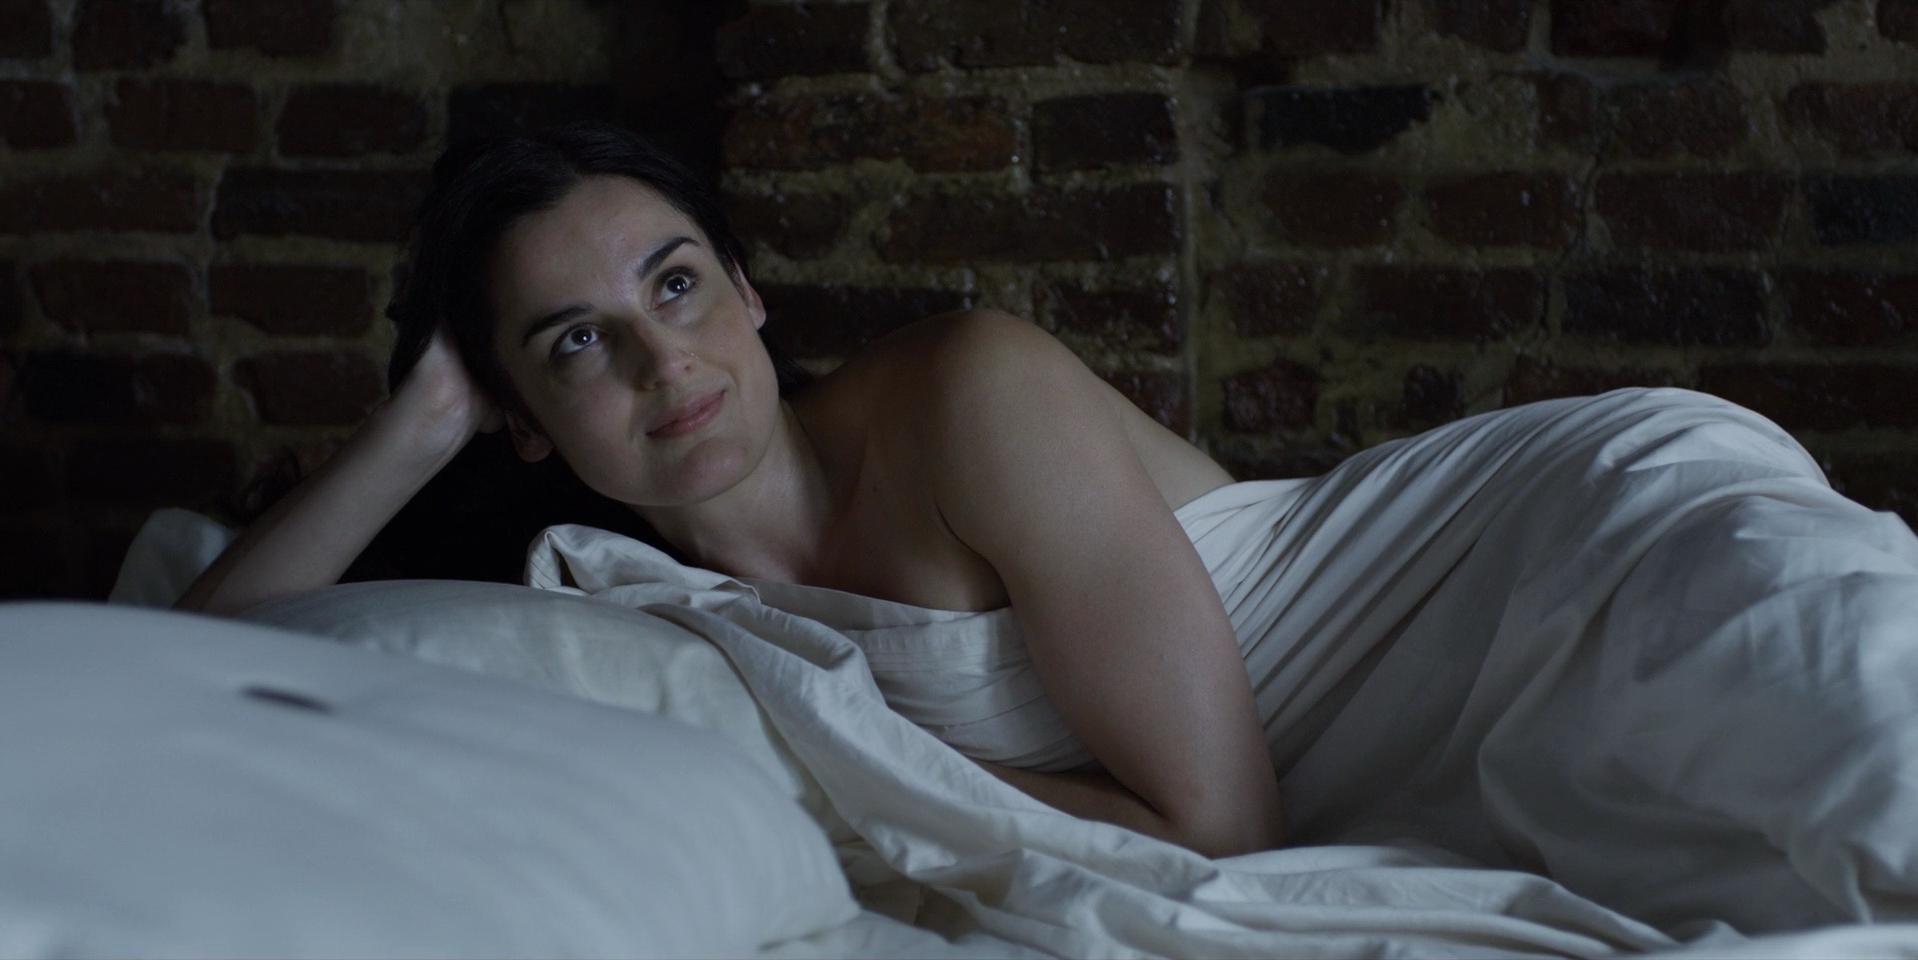 Rachel brosnahan sex scene